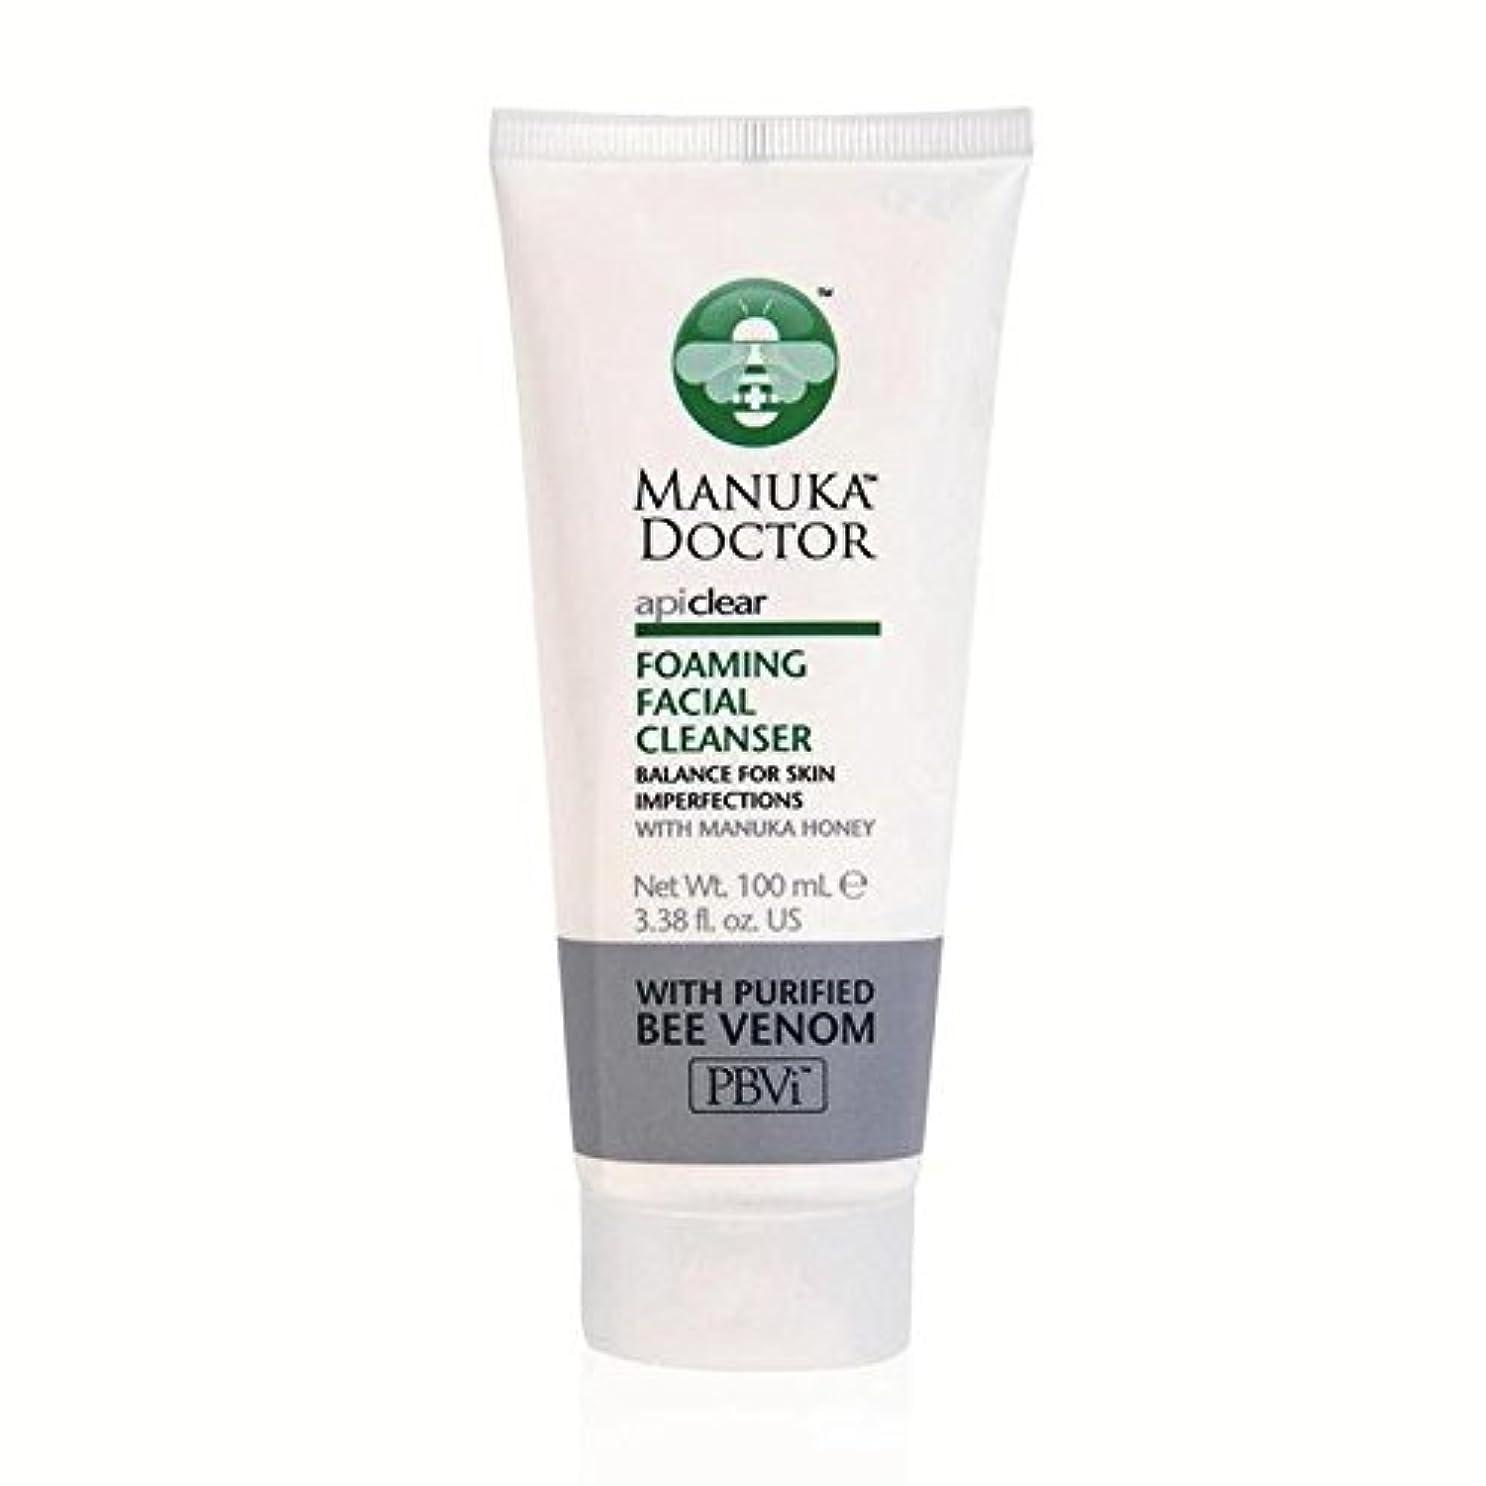 楽しむ素晴らしさウォルターカニンガムマヌカドクター明確な泡立ち洗顔料の100ミリリットル x2 - Manuka Doctor Api Clear Foaming Facial Cleanser 100ml (Pack of 2) [並行輸入品]